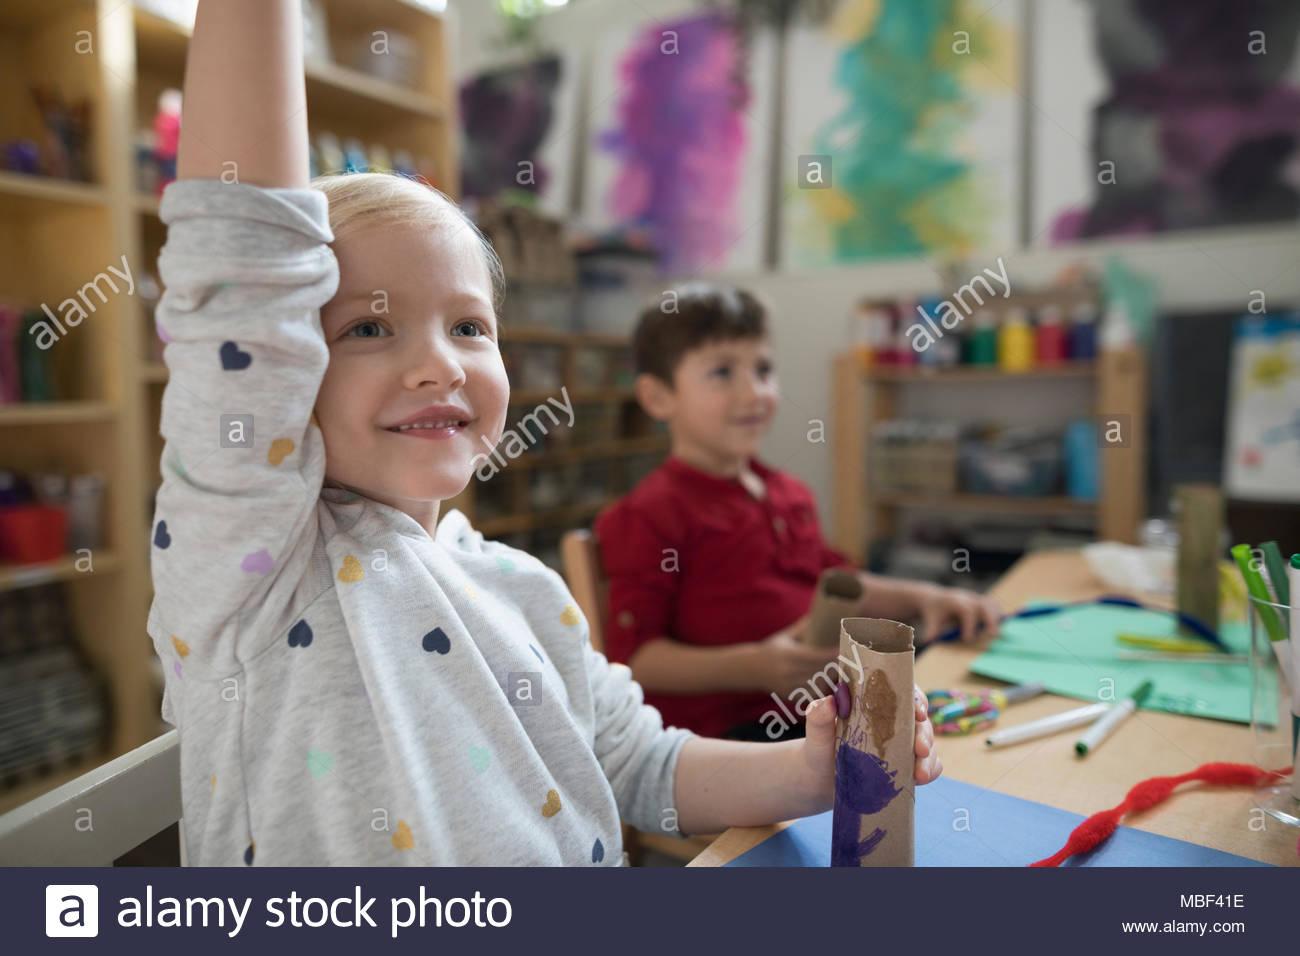 Ansiosa Niña preescolar levantando la mano en la clase de arte Imagen De Stock